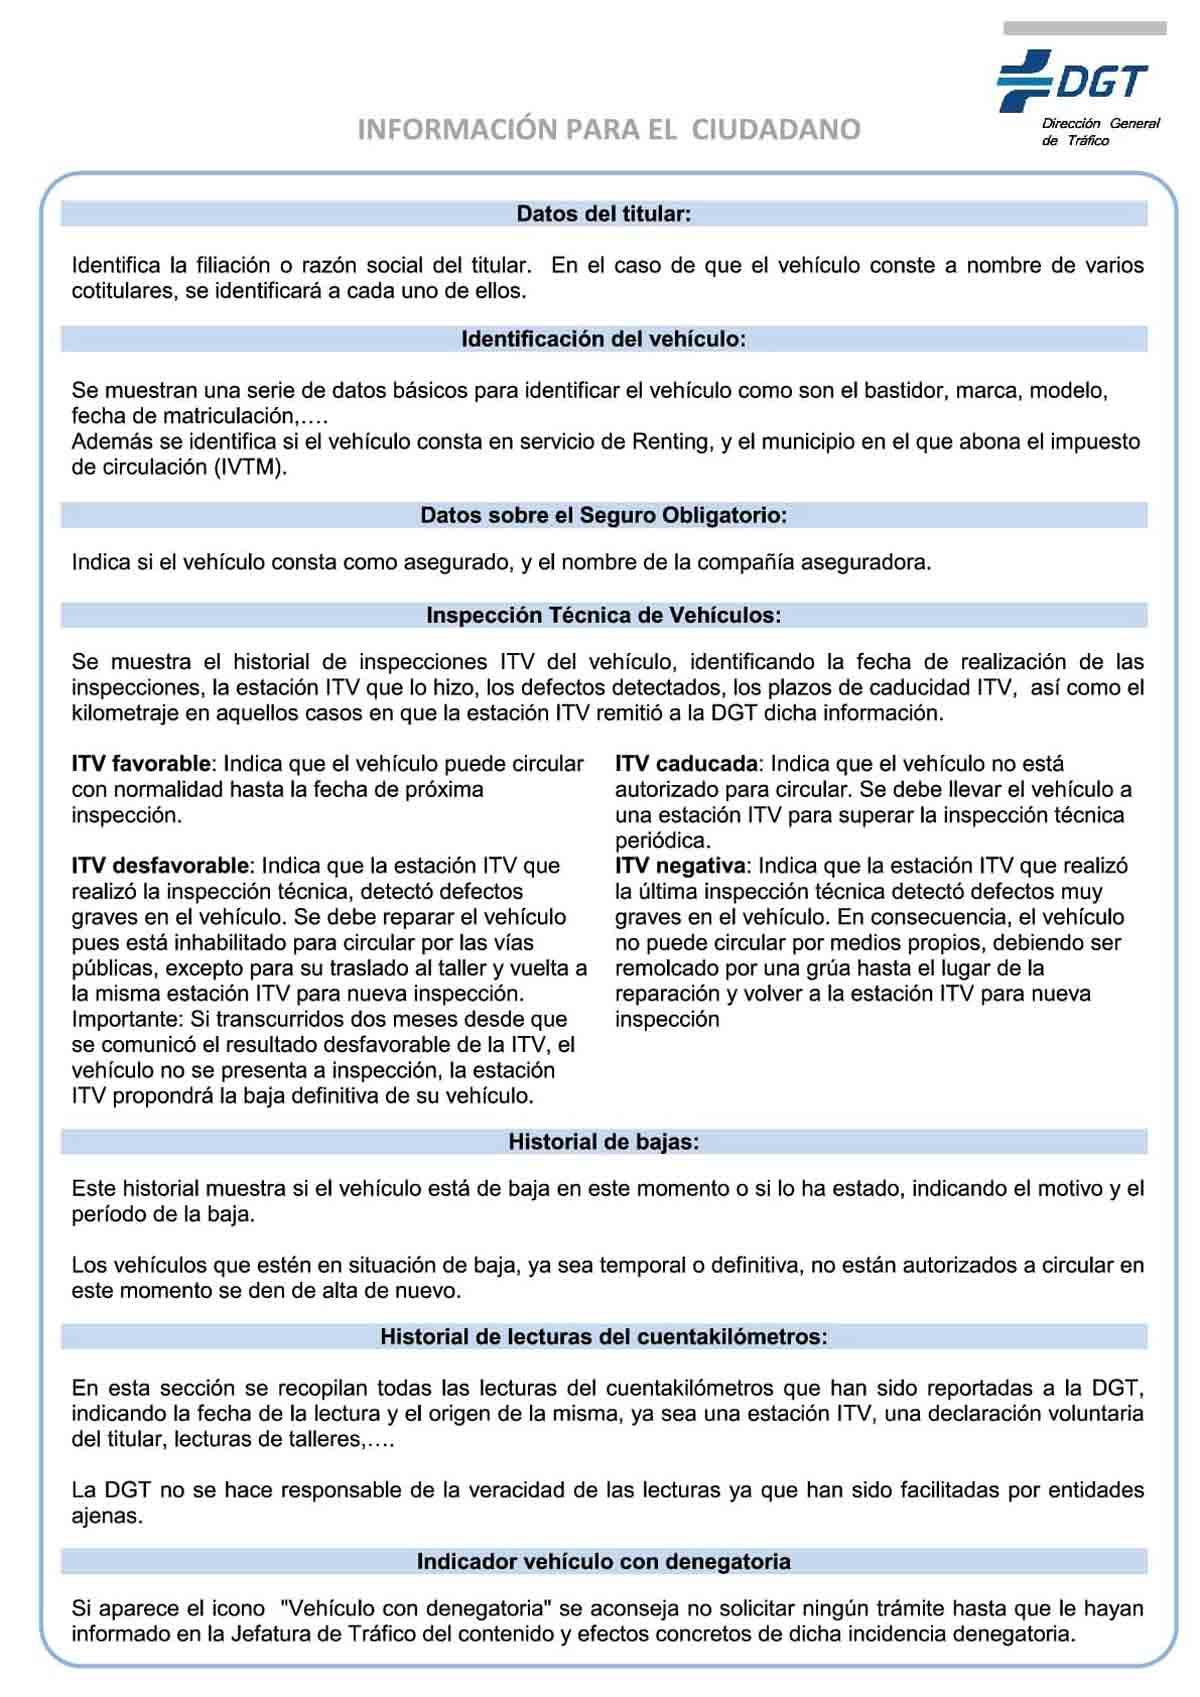 Primera parte del detalle de cómo pedir el informe de Tráfico de un coche por 8,40 euros-1